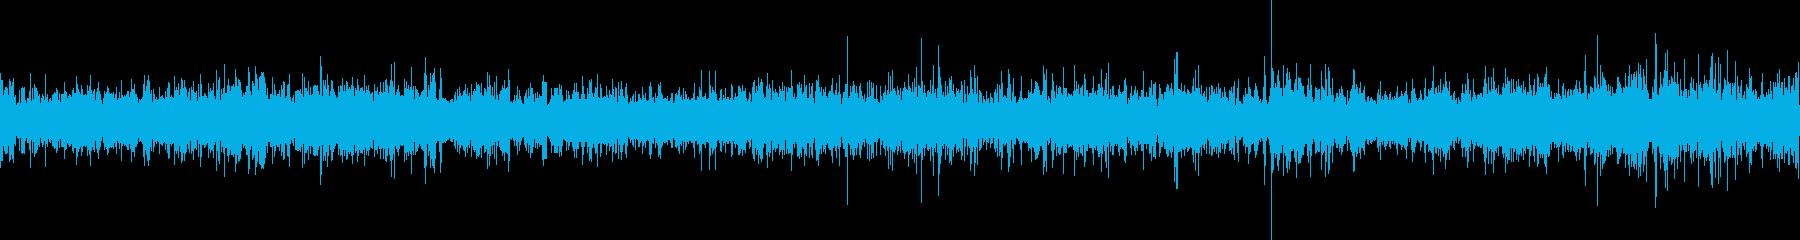 海岸の波音ですの再生済みの波形